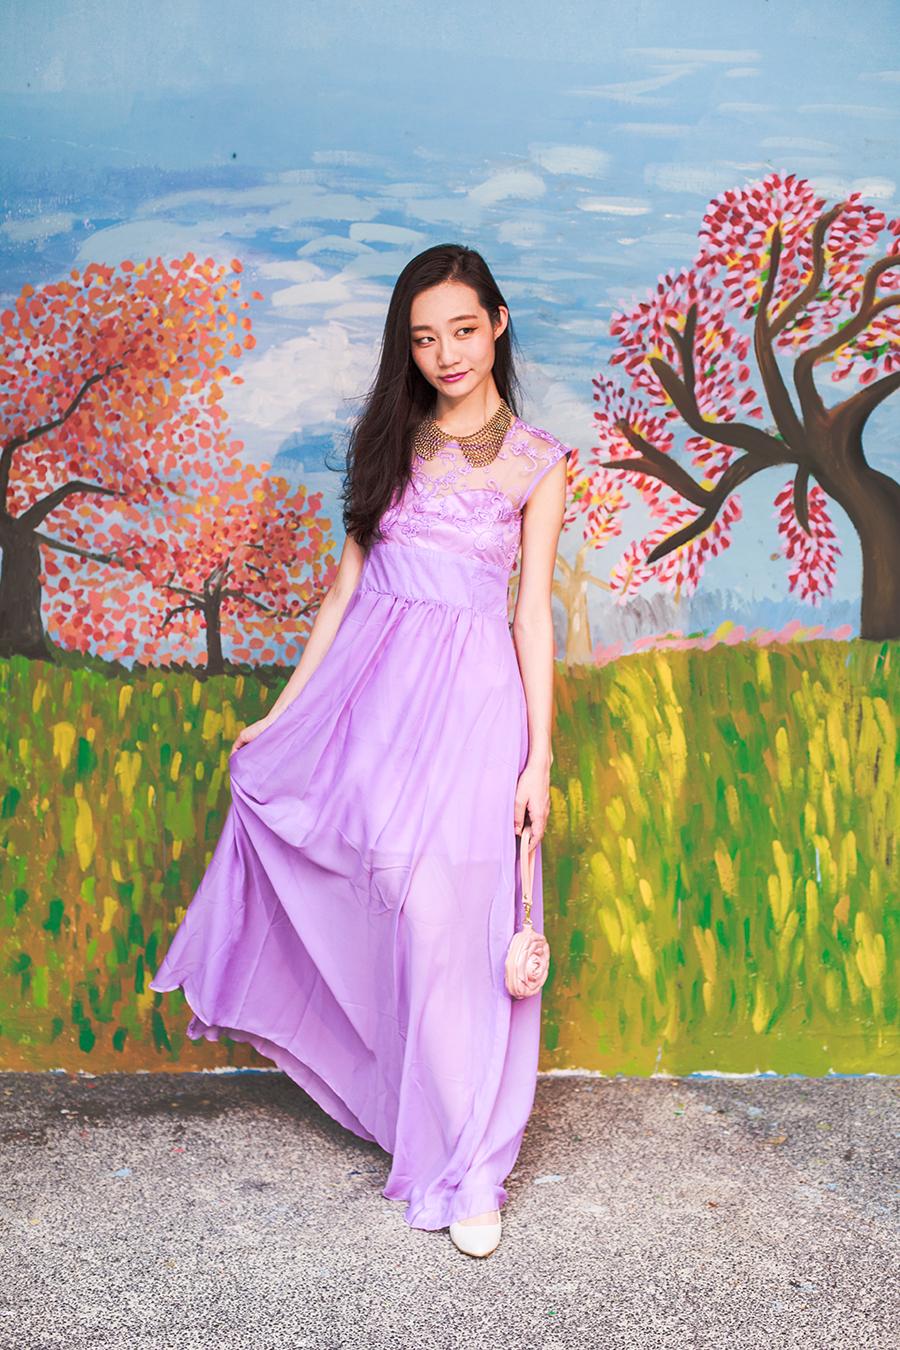 CNDirect purple lace chiffon dress, Forever 21 gold chain necklace, 3D Bag Original rose purse, Vincci white silver pumps.